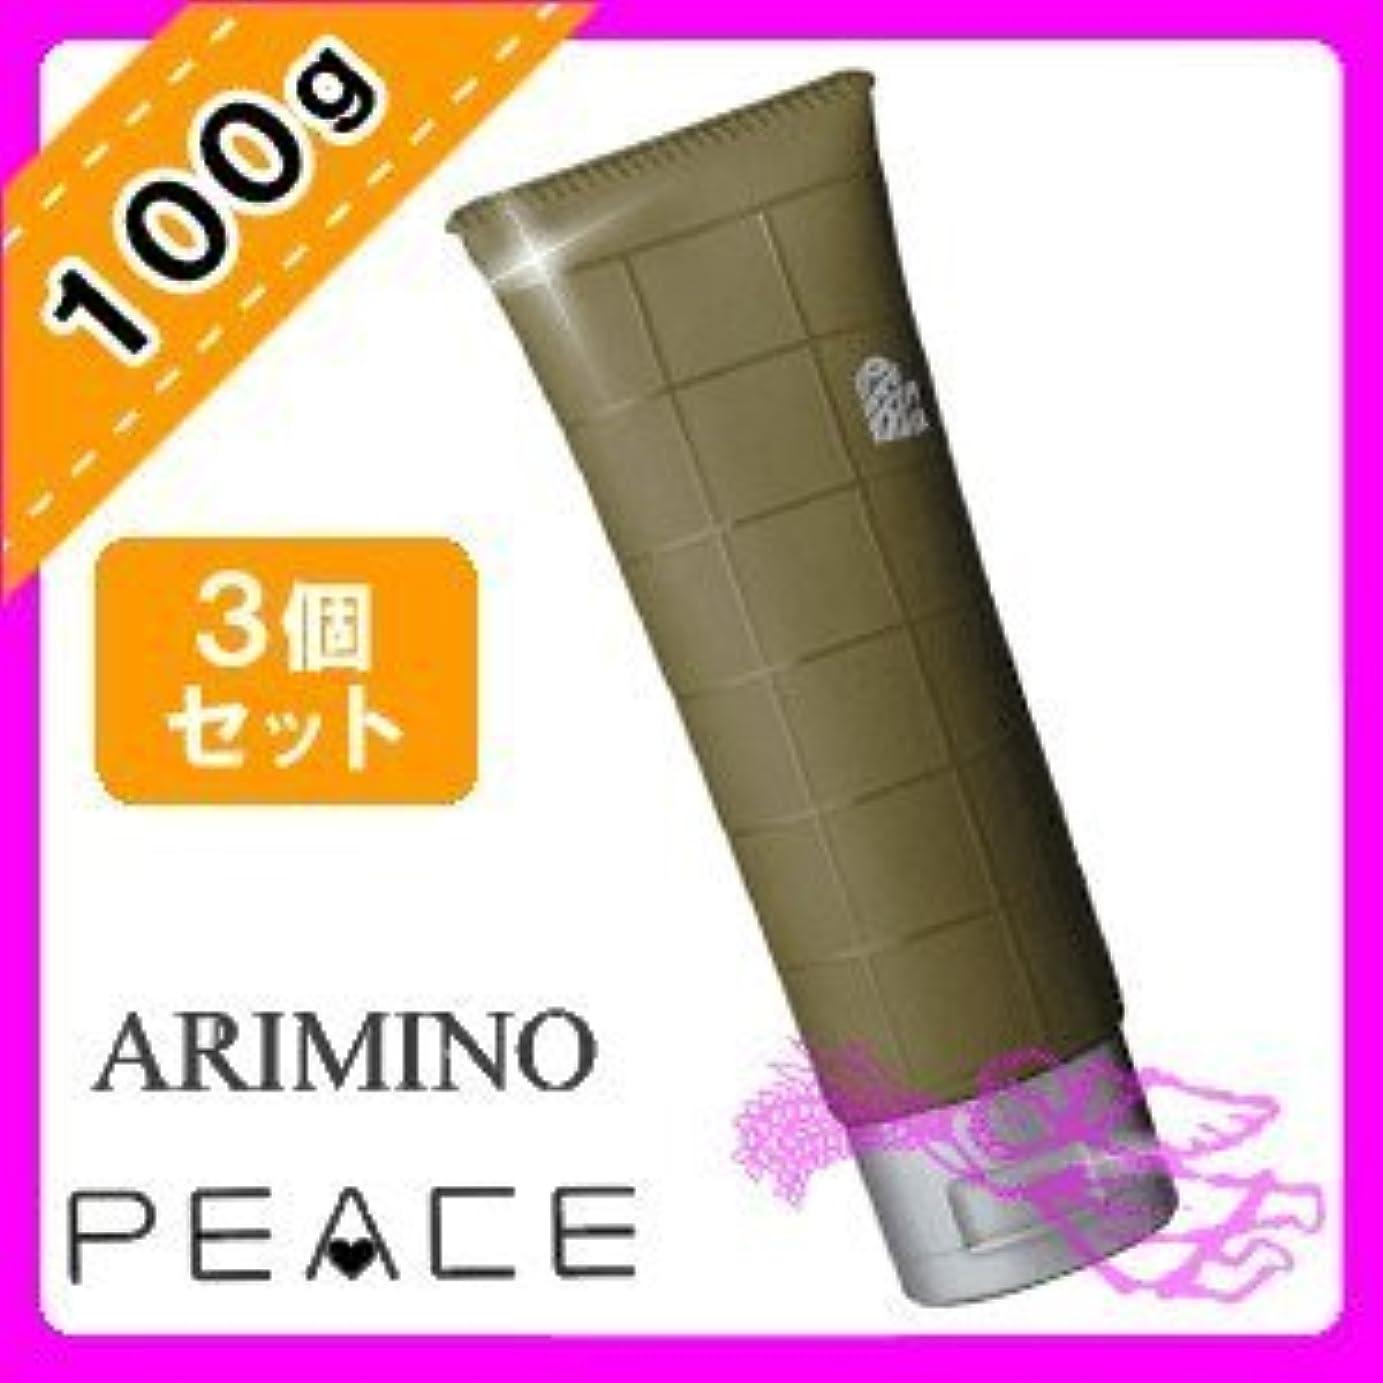 申請中リボン校長アリミノ ピース ウェットオイル ワックス 100g ×3個セット arimino PEACE